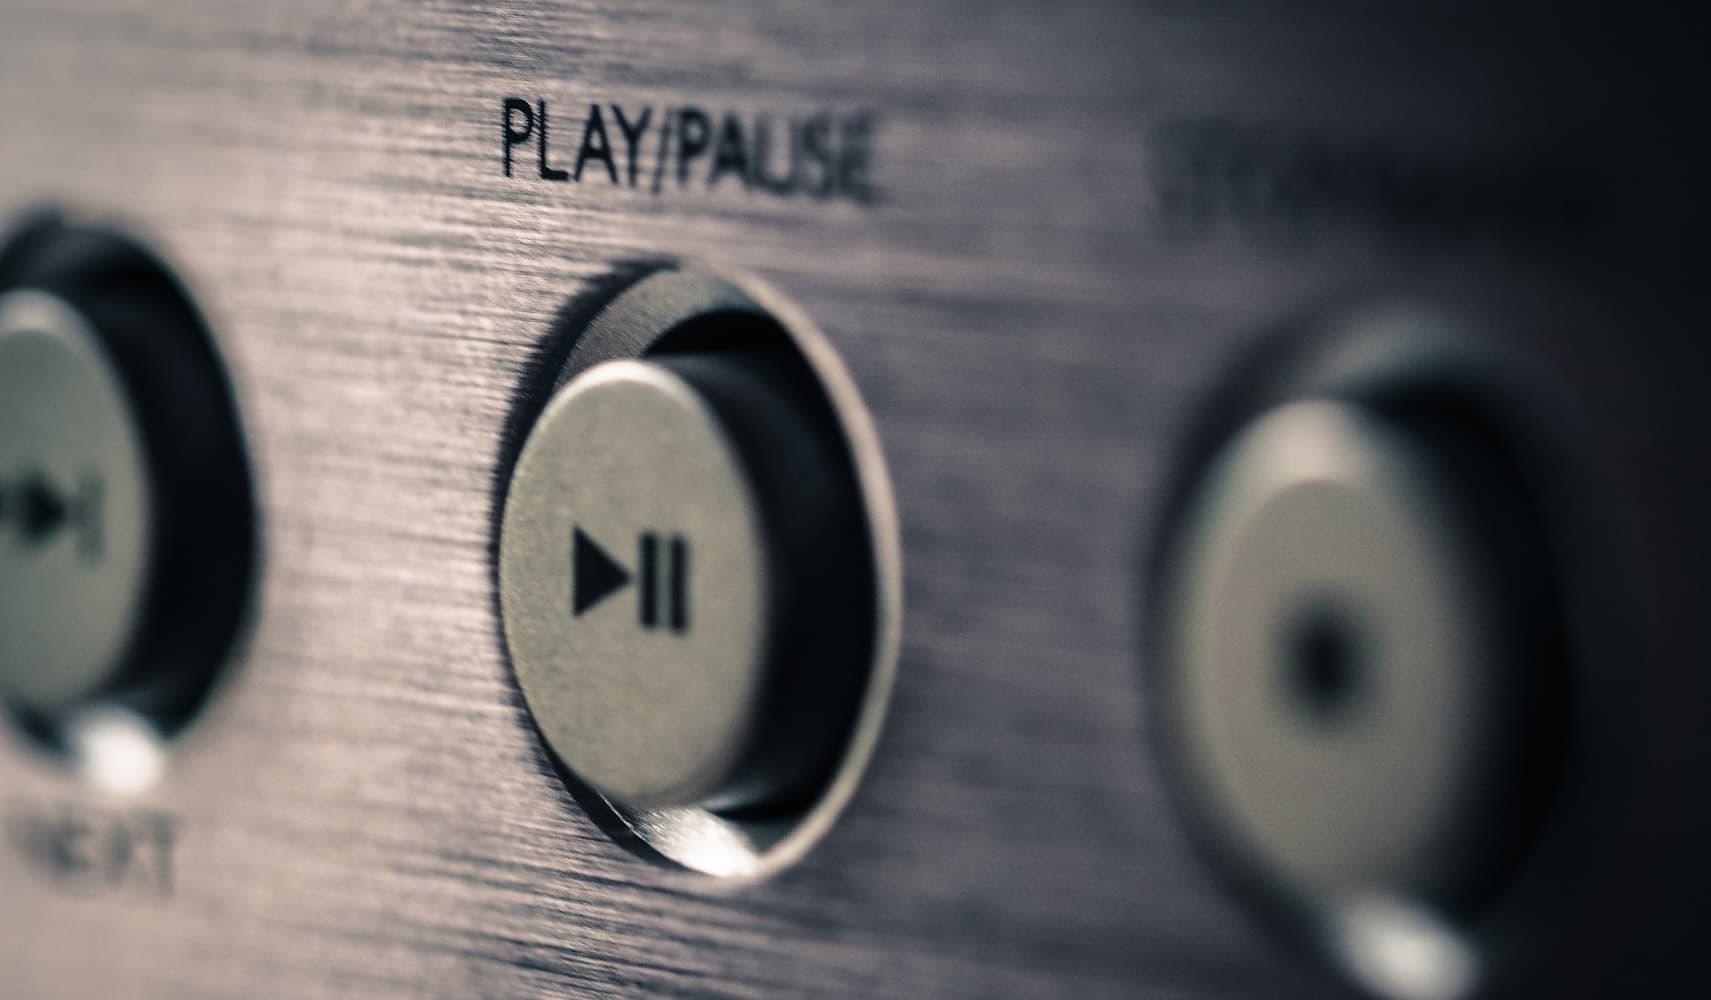 Goed om te weten: de knop omzetten is geen kwestie van aan of uit.